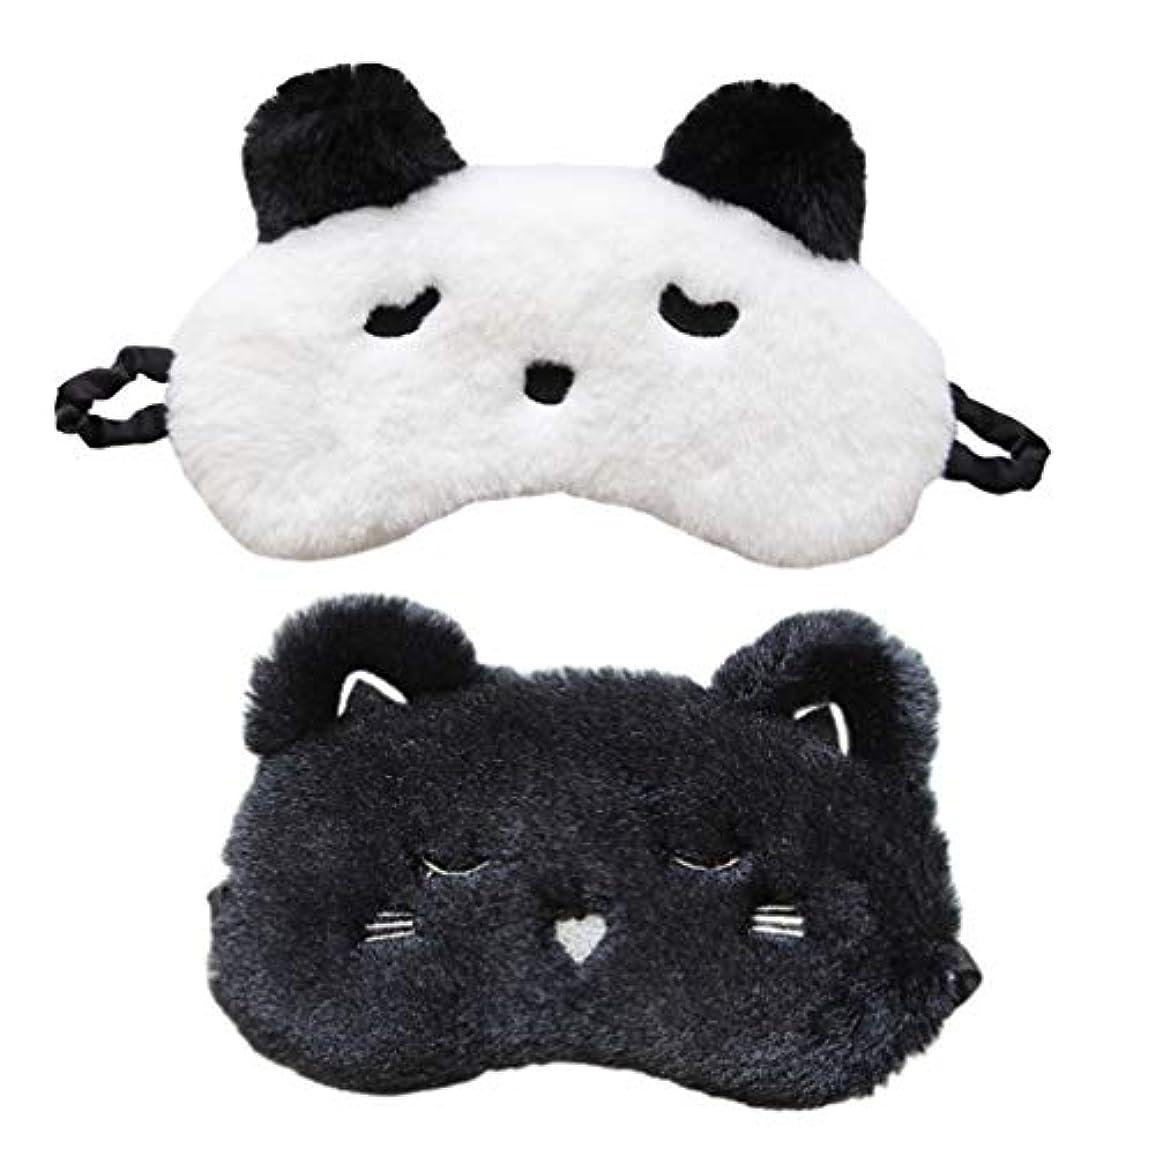 ブラシフライト嫌がらせLurrose 2ピースパンダ睡眠マスクアイマスクアイシェードアイパッチソフト睡眠マスクかわいいパンダ旅行睡眠目隠し仮眠カバー